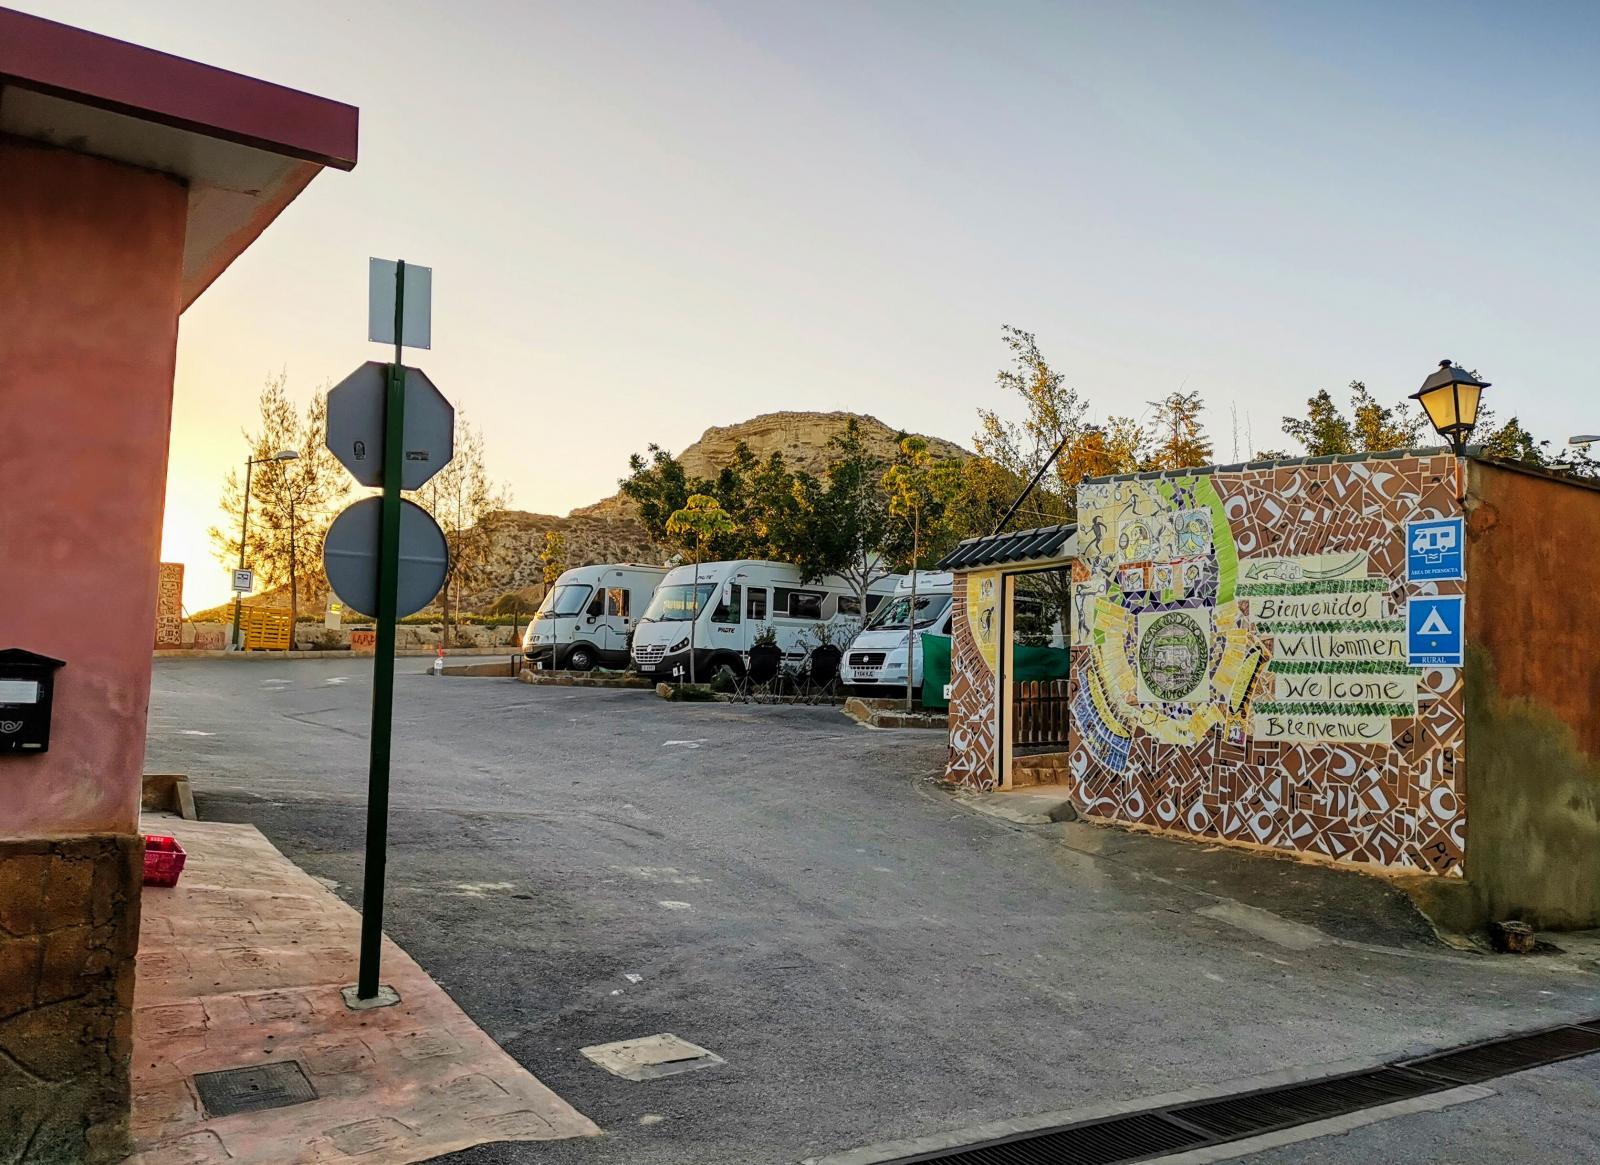 Resort Indalo har 200 platser både på asfalt och grus.